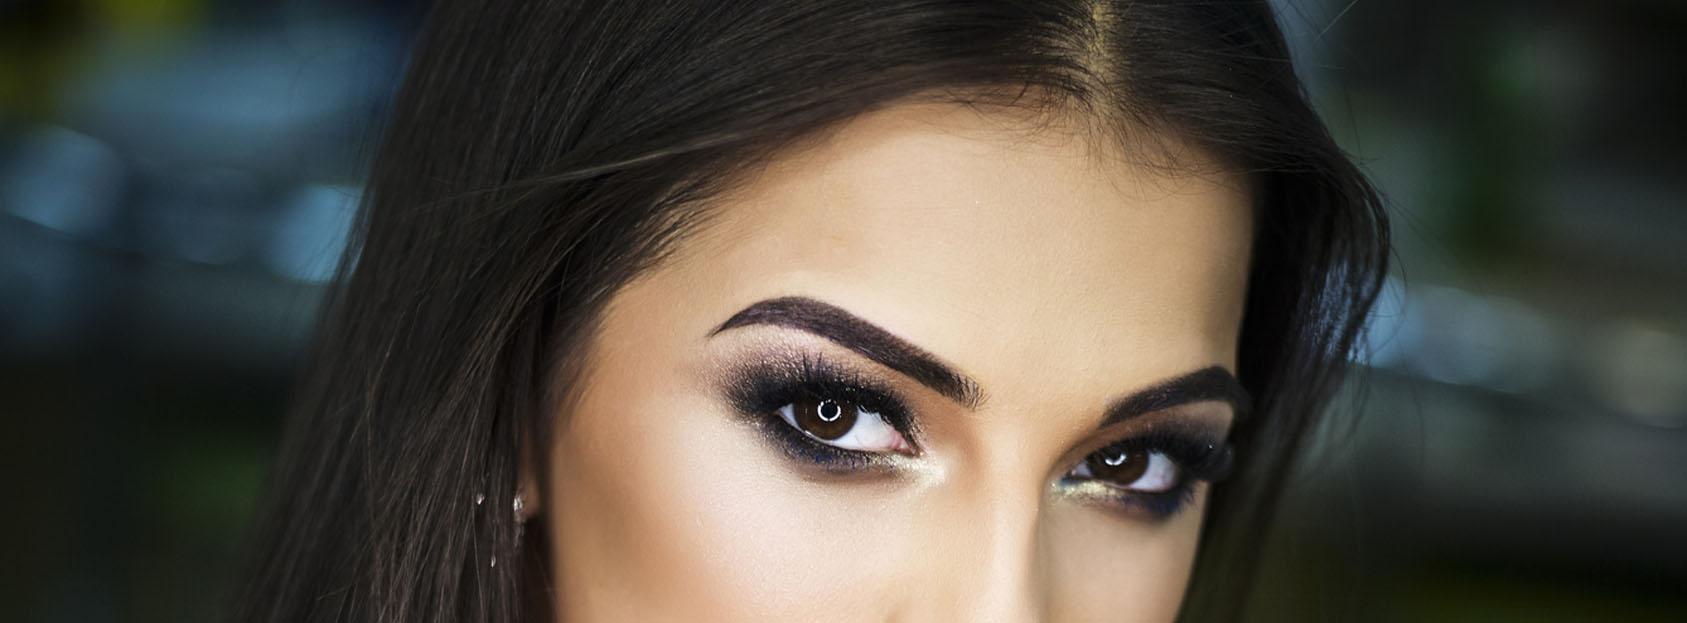 Jak powiększyć makijażem oczy